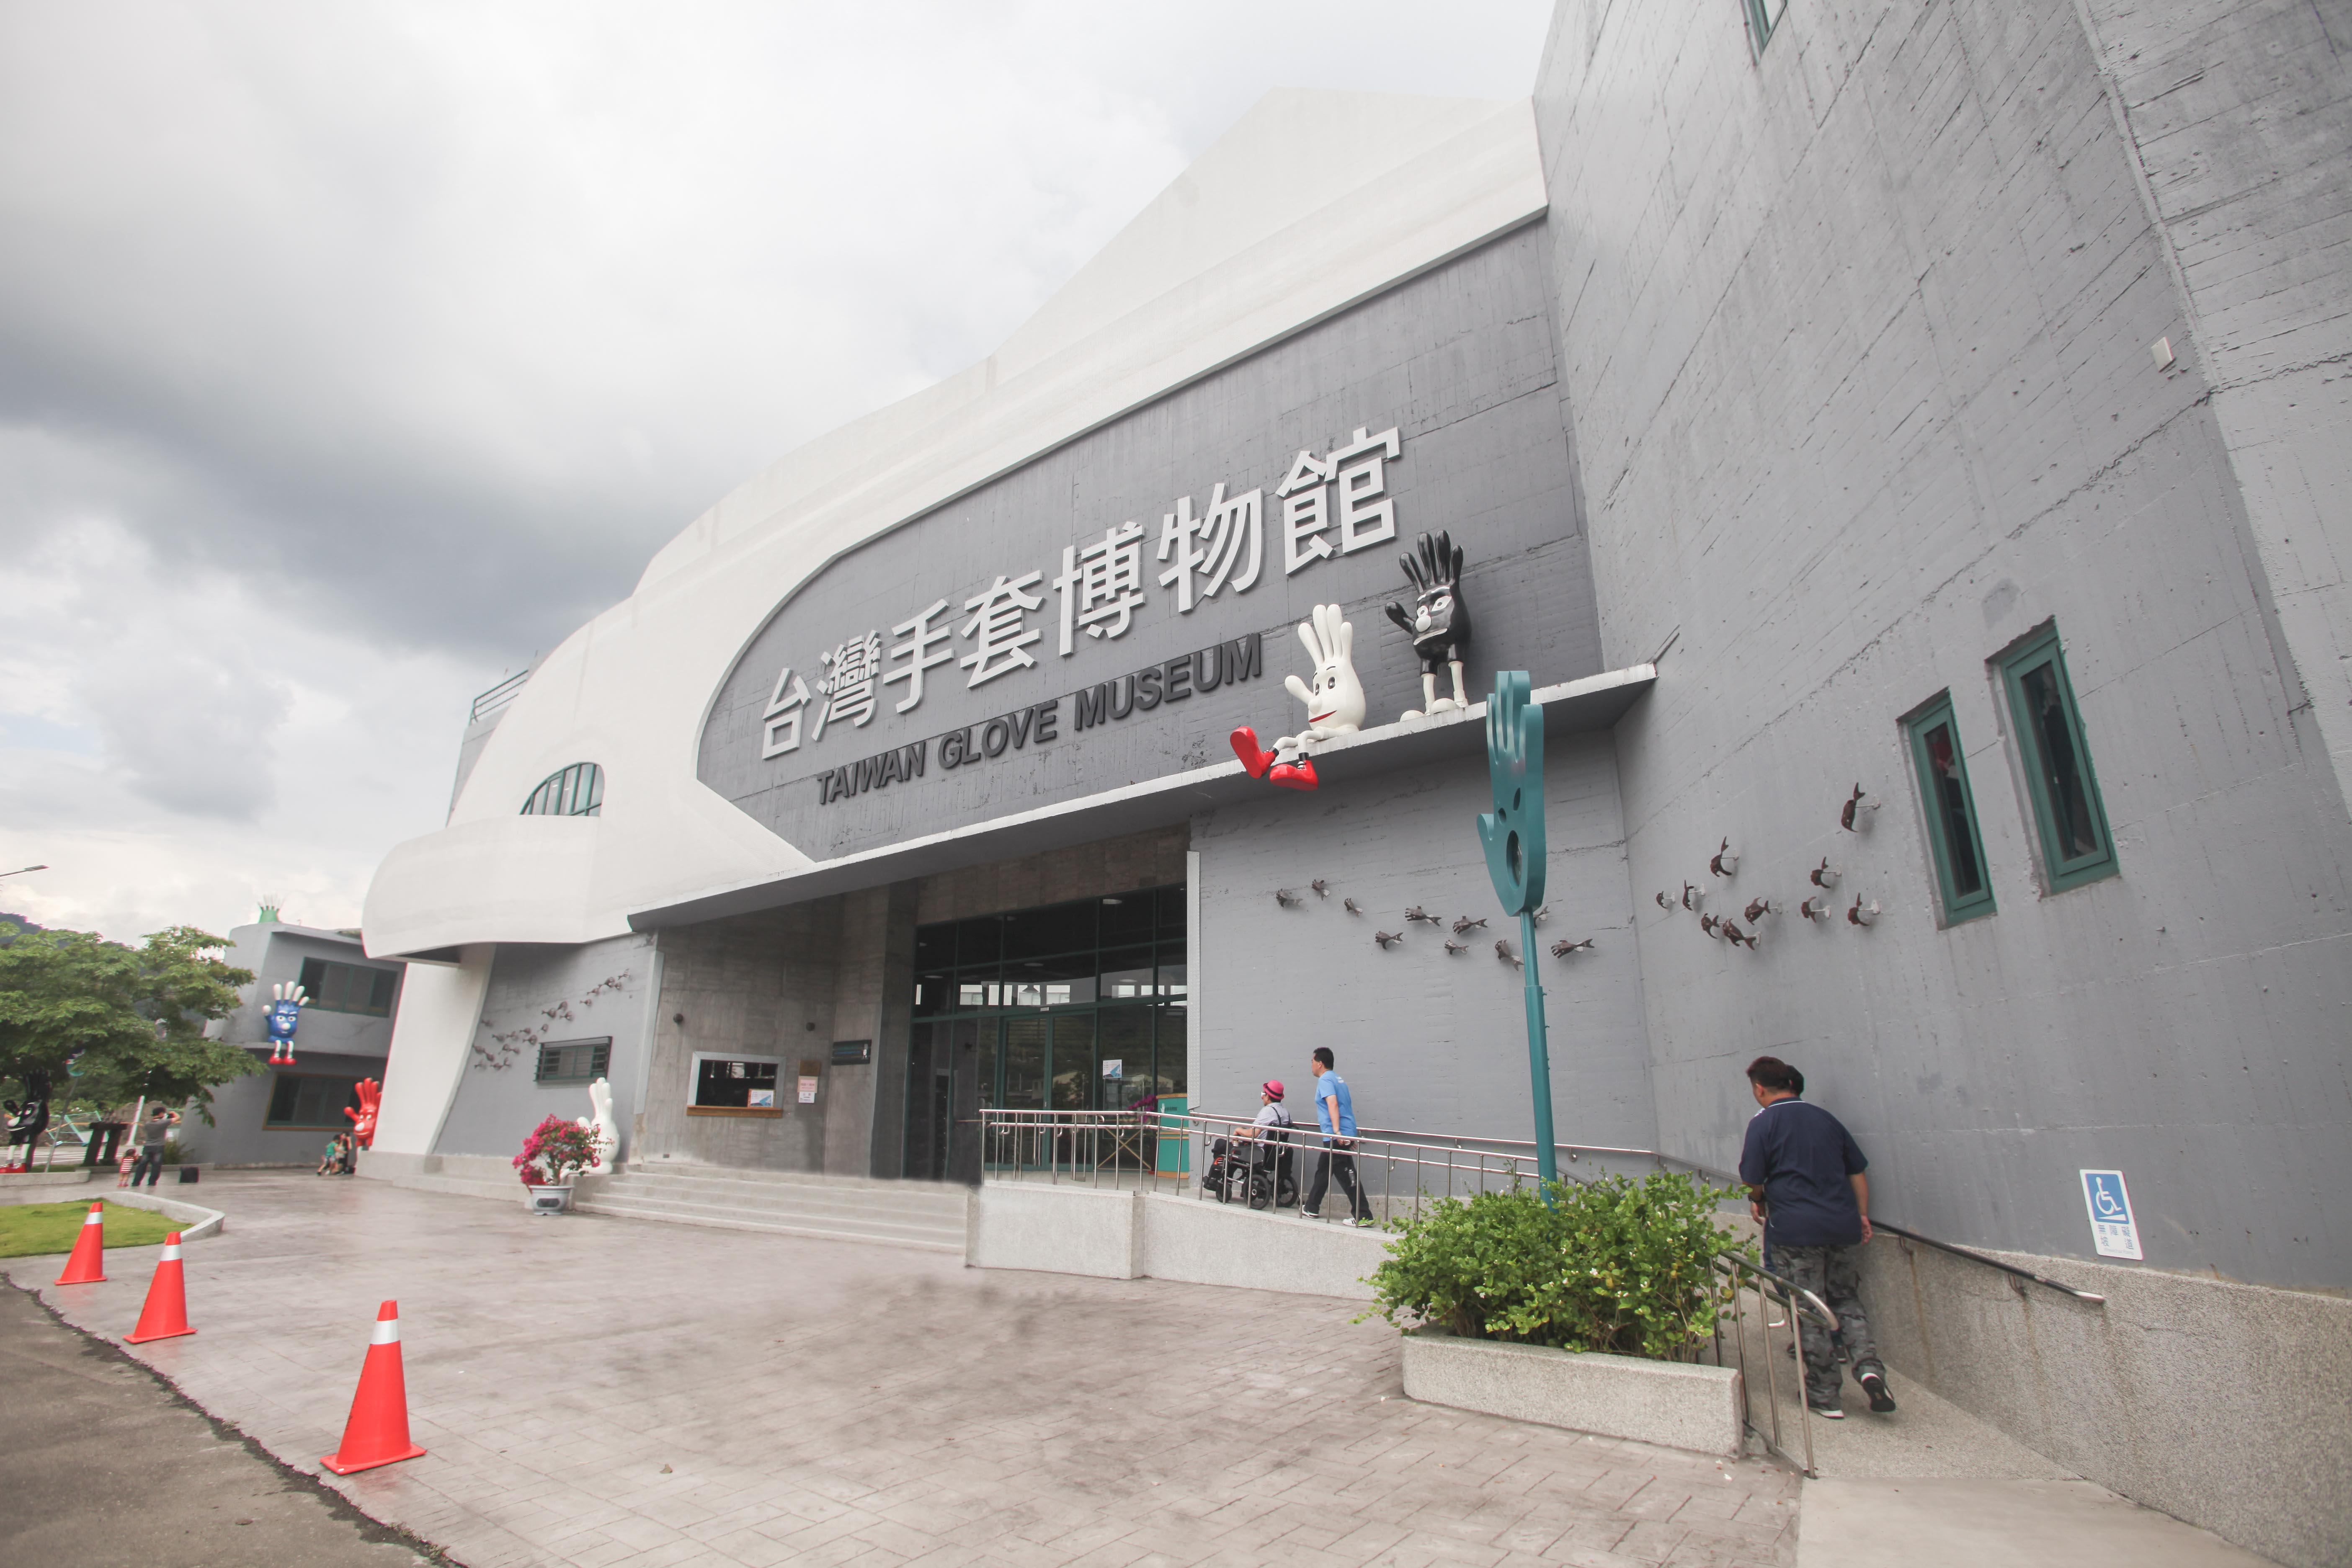 彰化台灣手套博物館大門